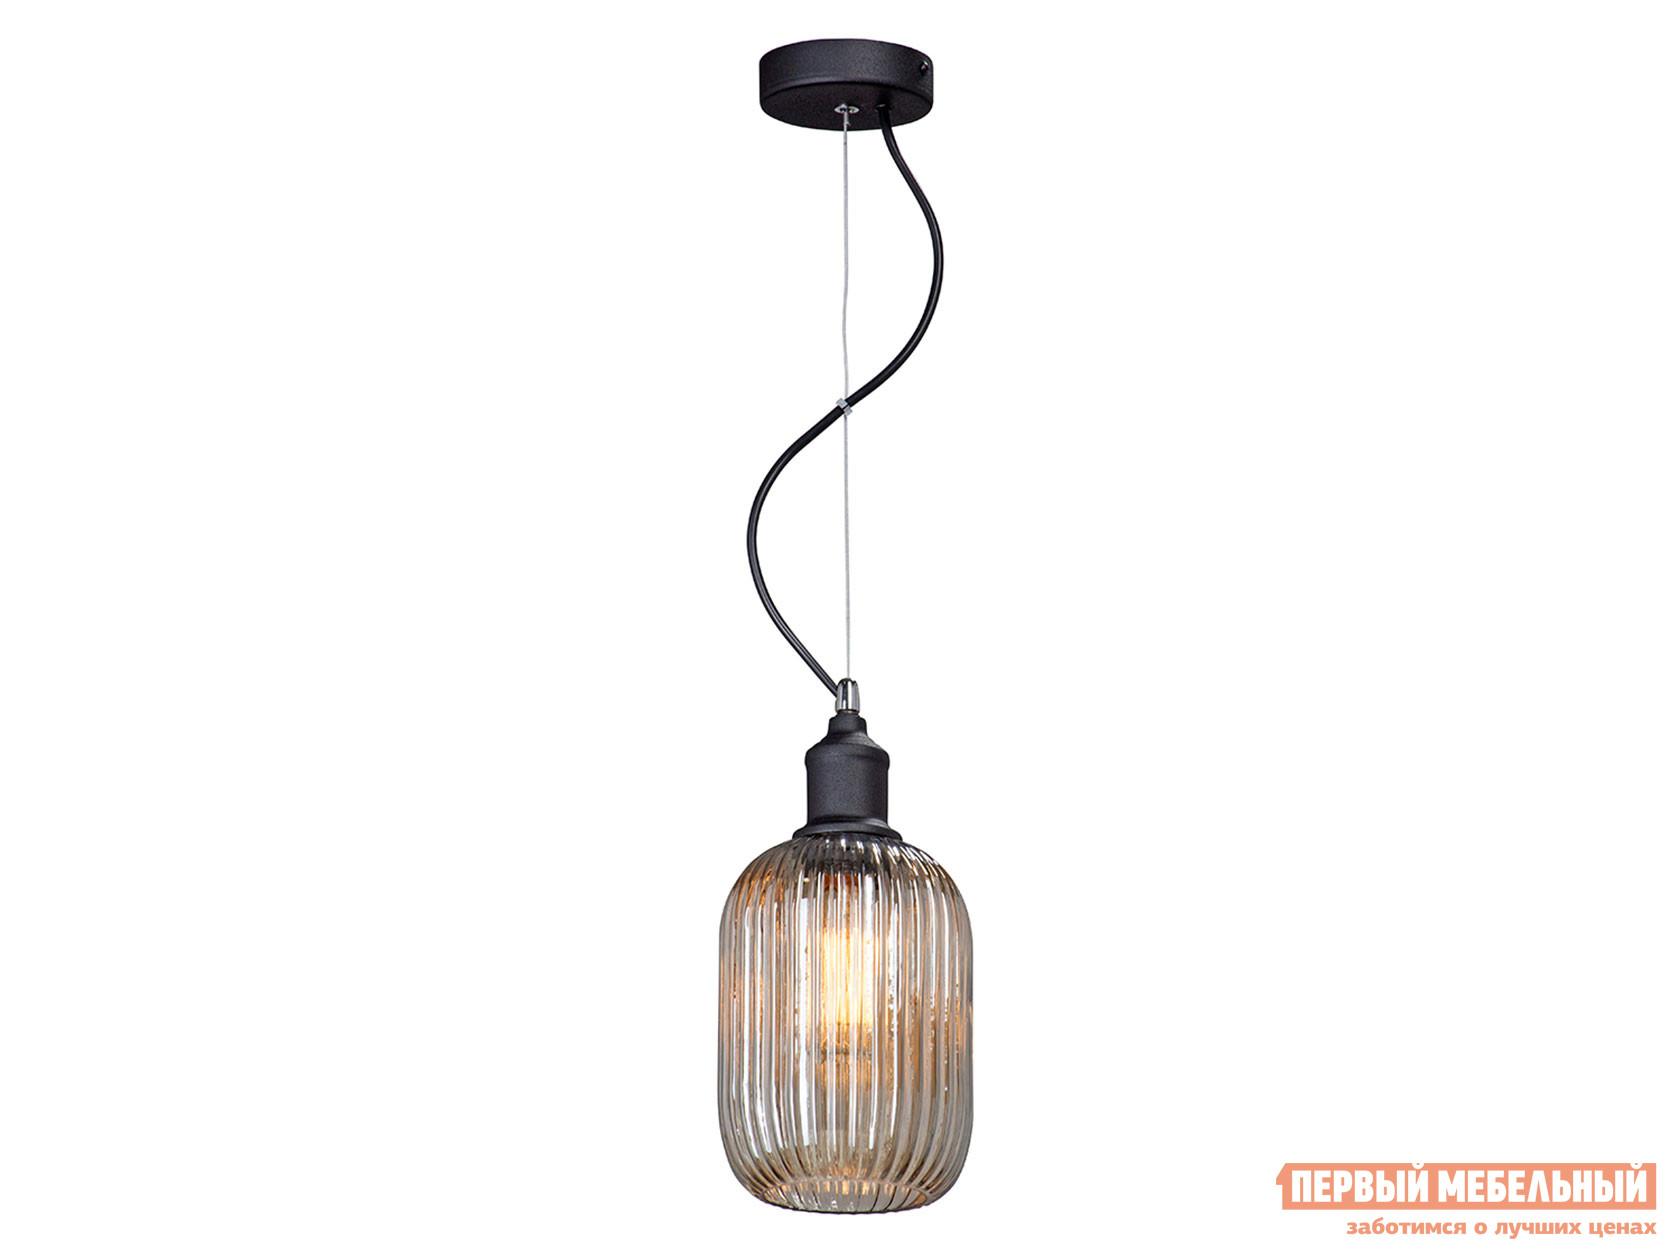 Подвесной светильник КСК-электро Люстра V4843-1/1S